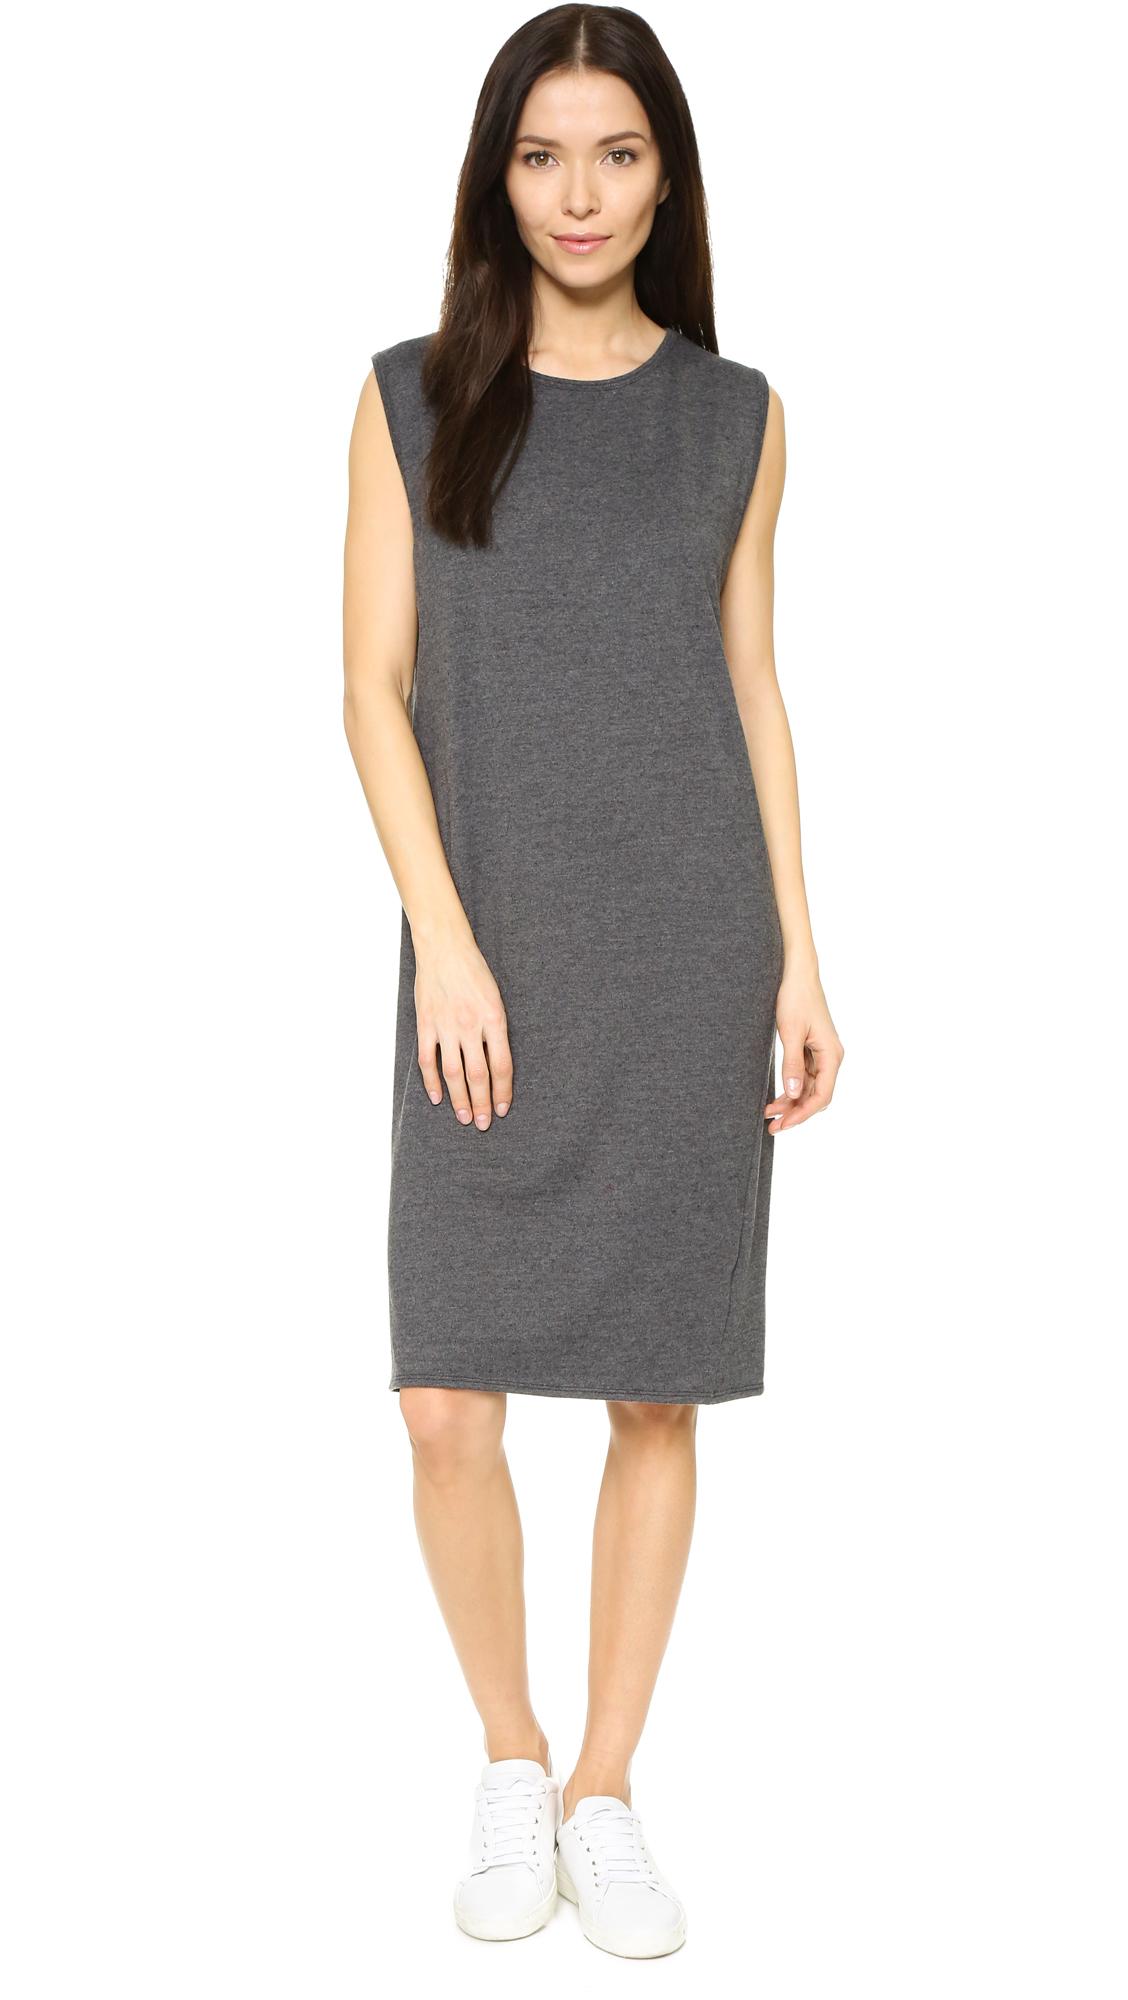 DRESSES - Short dresses 6397 TVayVJ